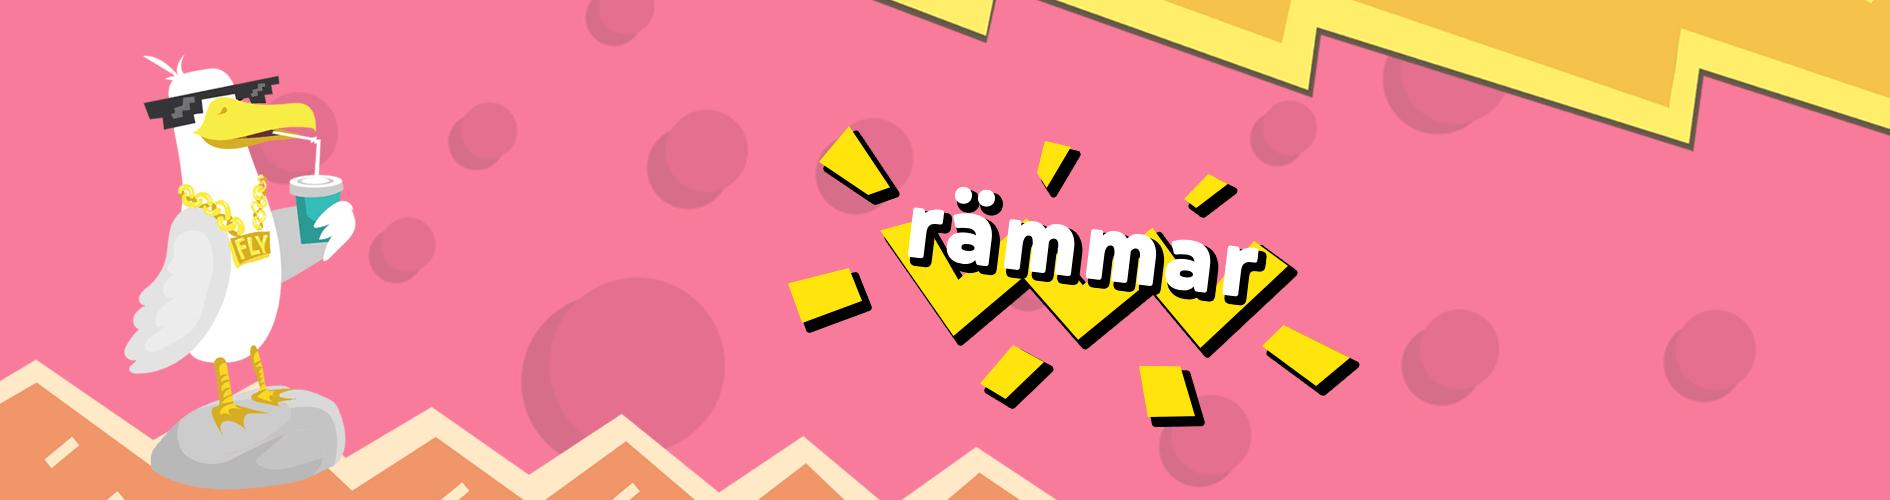 rammar2.png